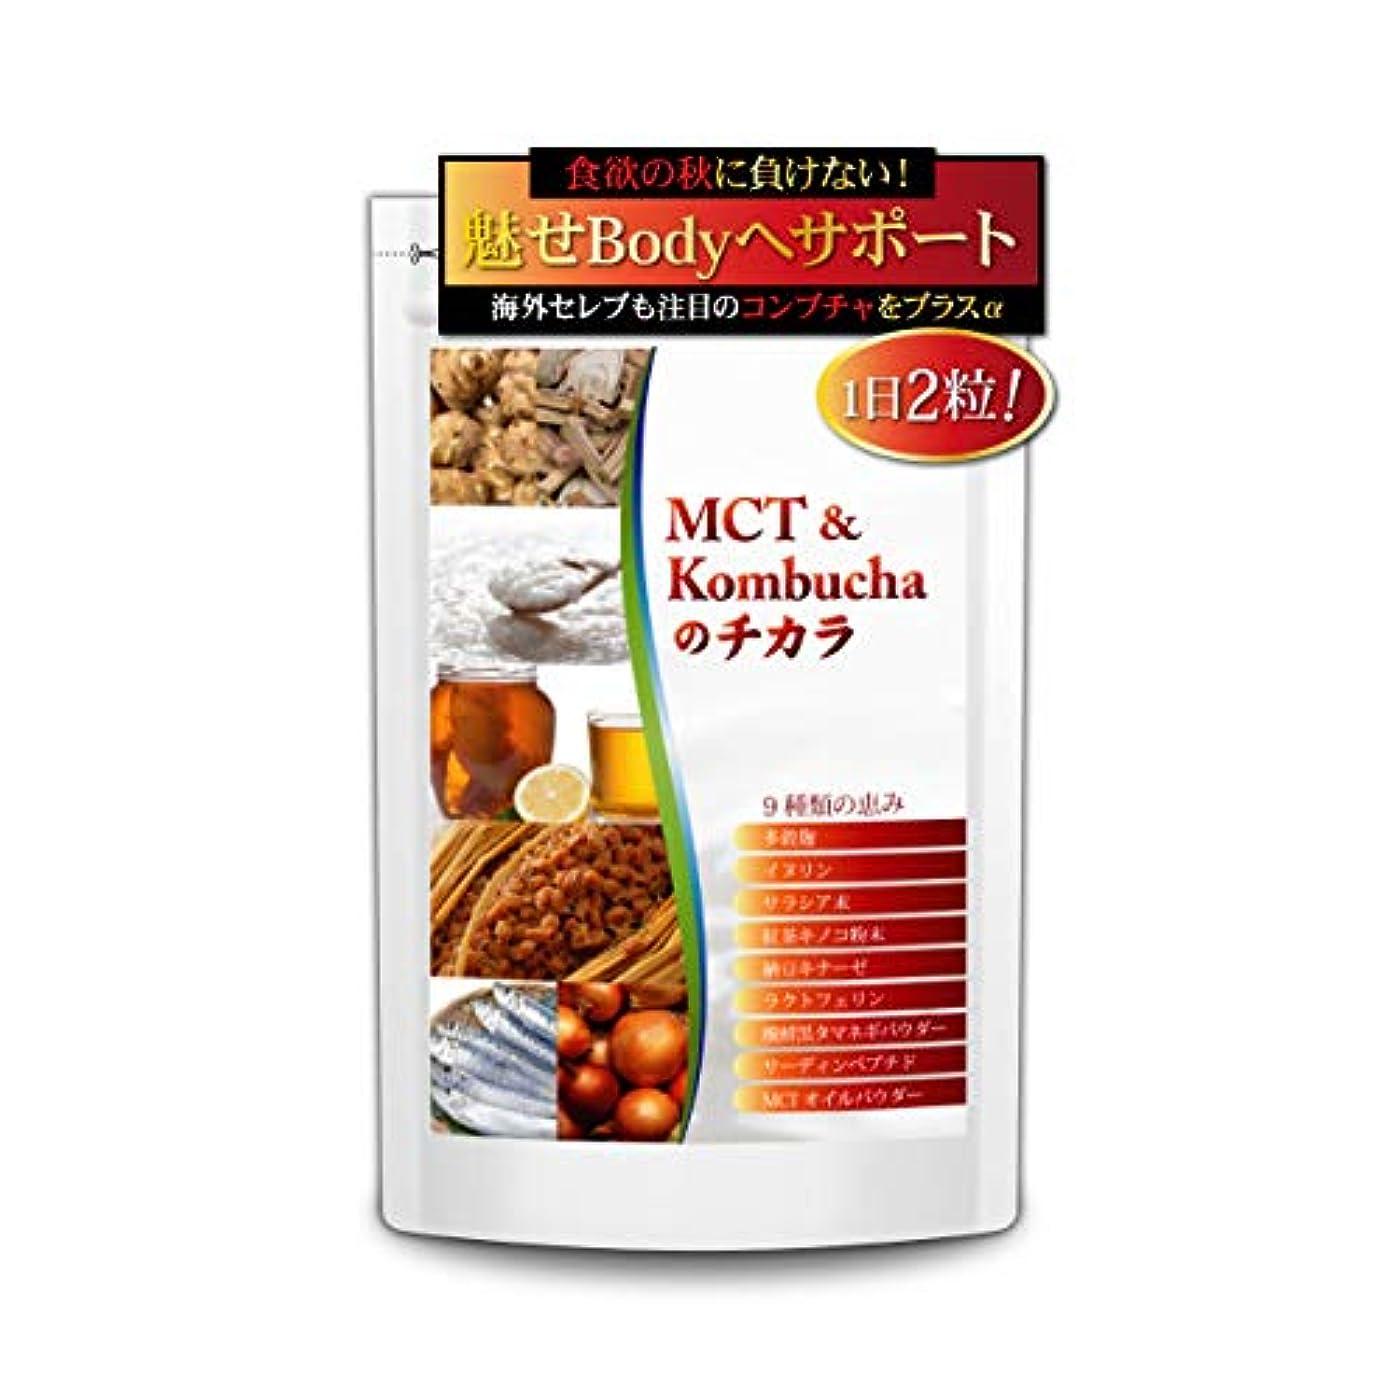 純粋な法的オフェンスMCT&Kombuchaのチカラ コンブチャ 麹 MCTオイル ダイエット サプリメント 60粒?約30日分